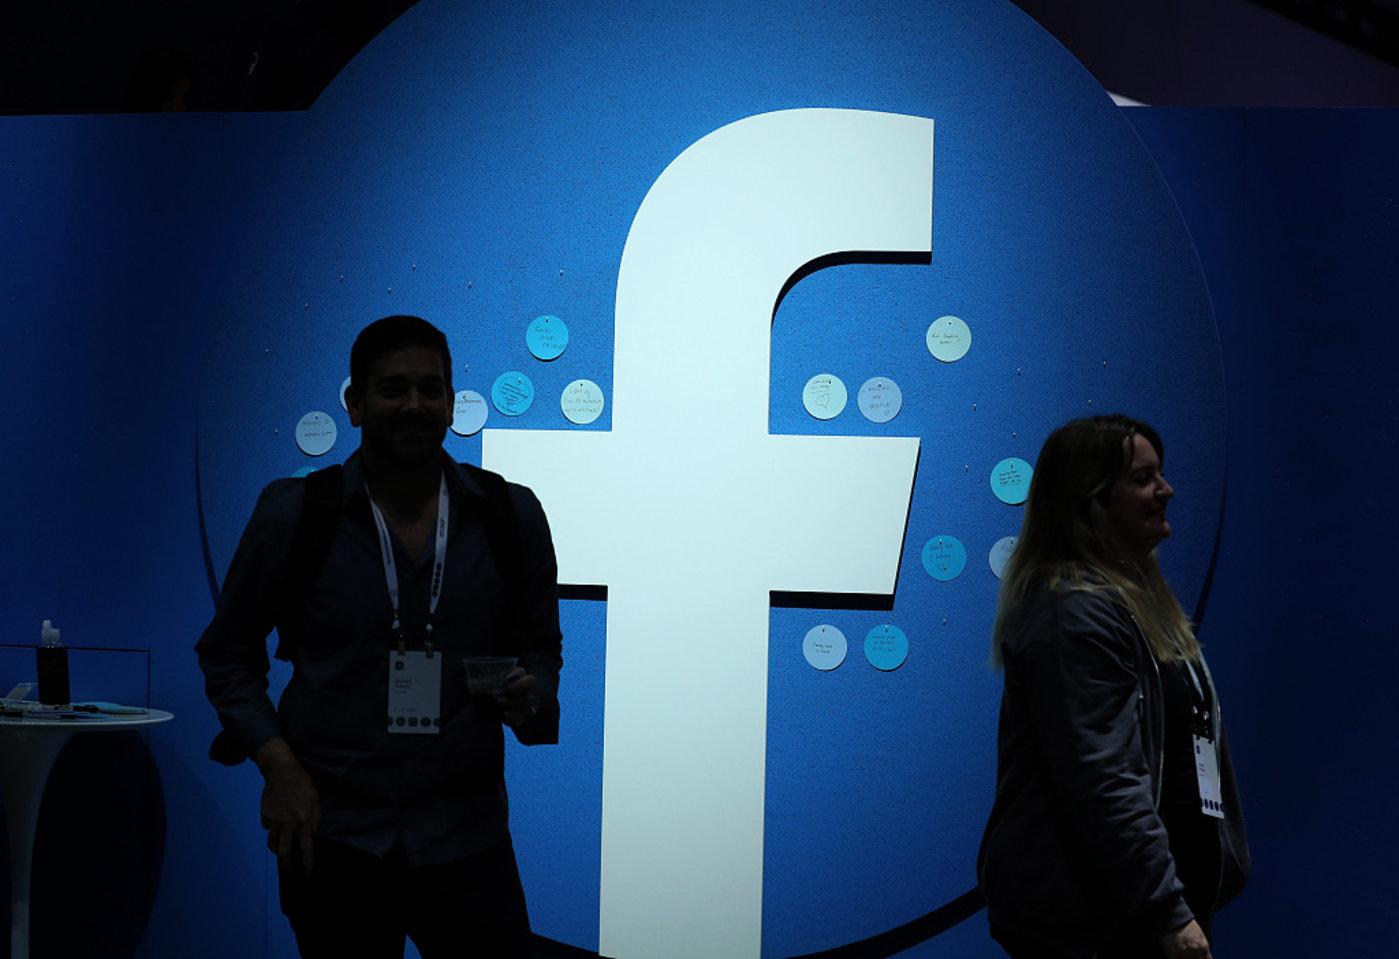 【链得得独家】数字经济学家刘志毅:Facebook没有突破式创新,也不会挑战传统金融秩序